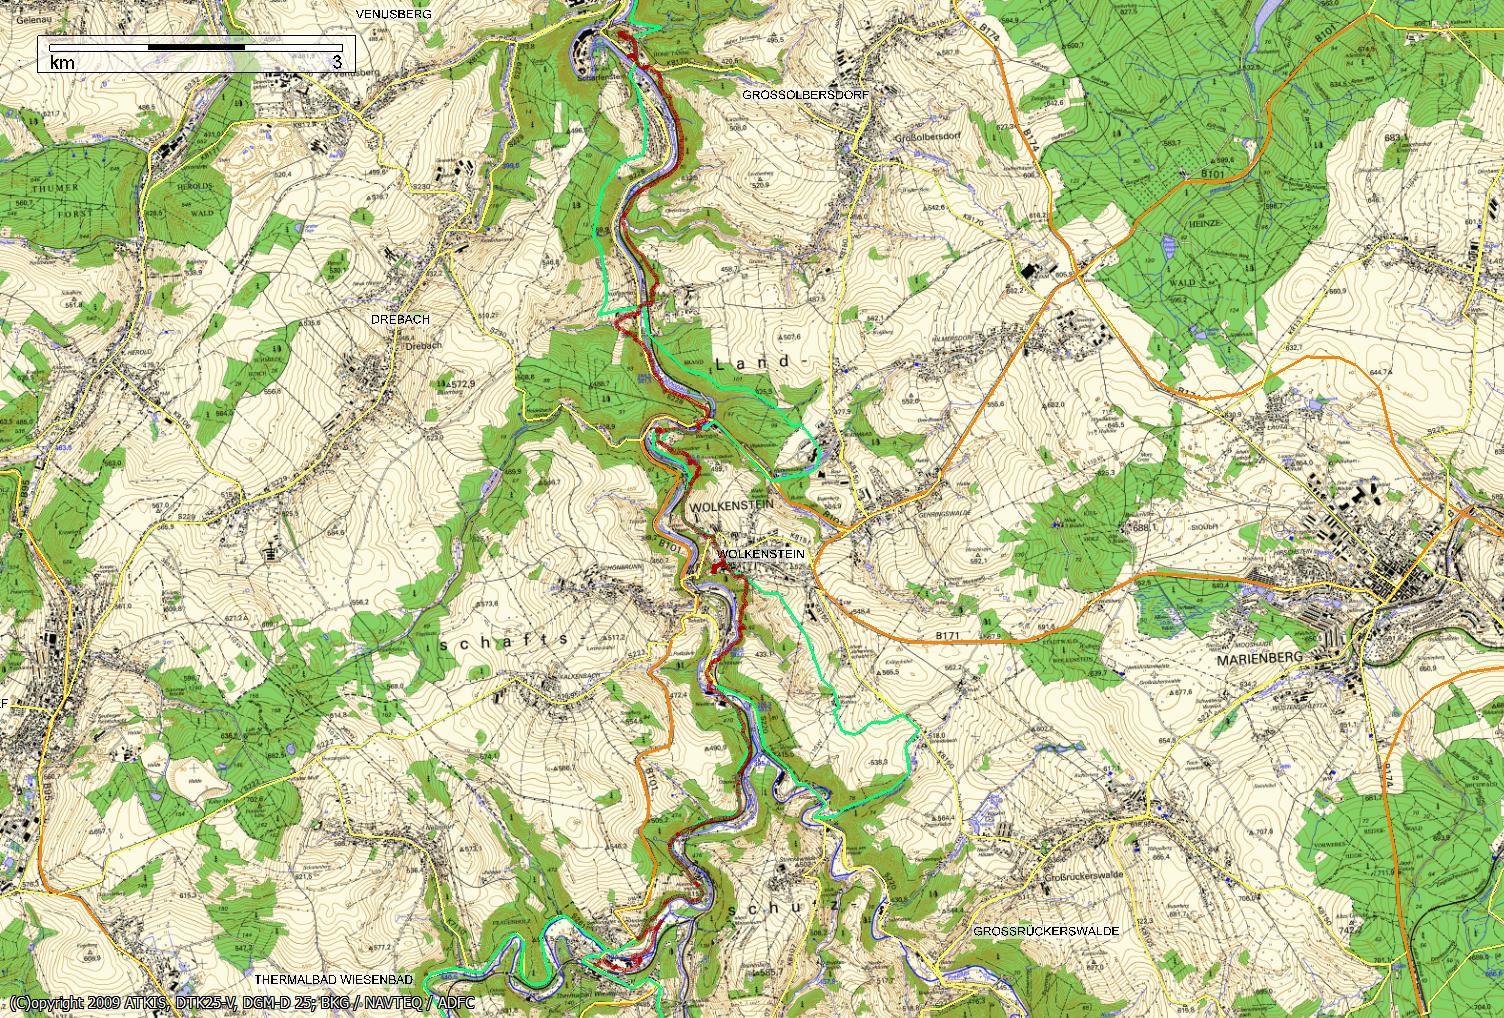 Wanderkarte Erzgebirge Wanderfreunde Hainsacker